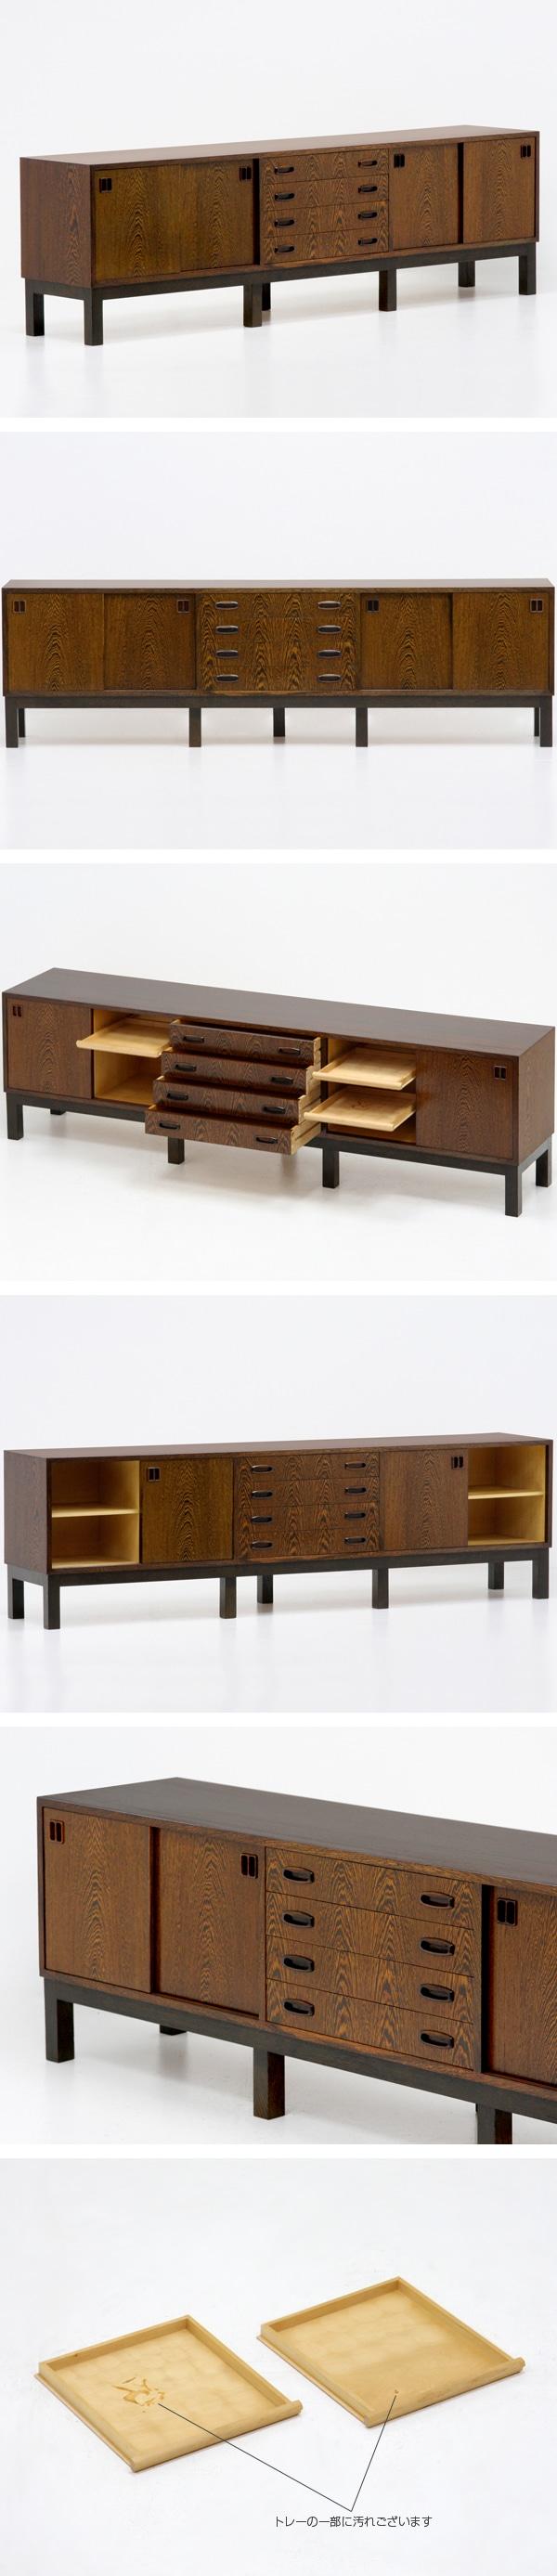 北欧家具,ヴィンテージ,シェルフ,ローズウッド材,食器棚,本棚,収納